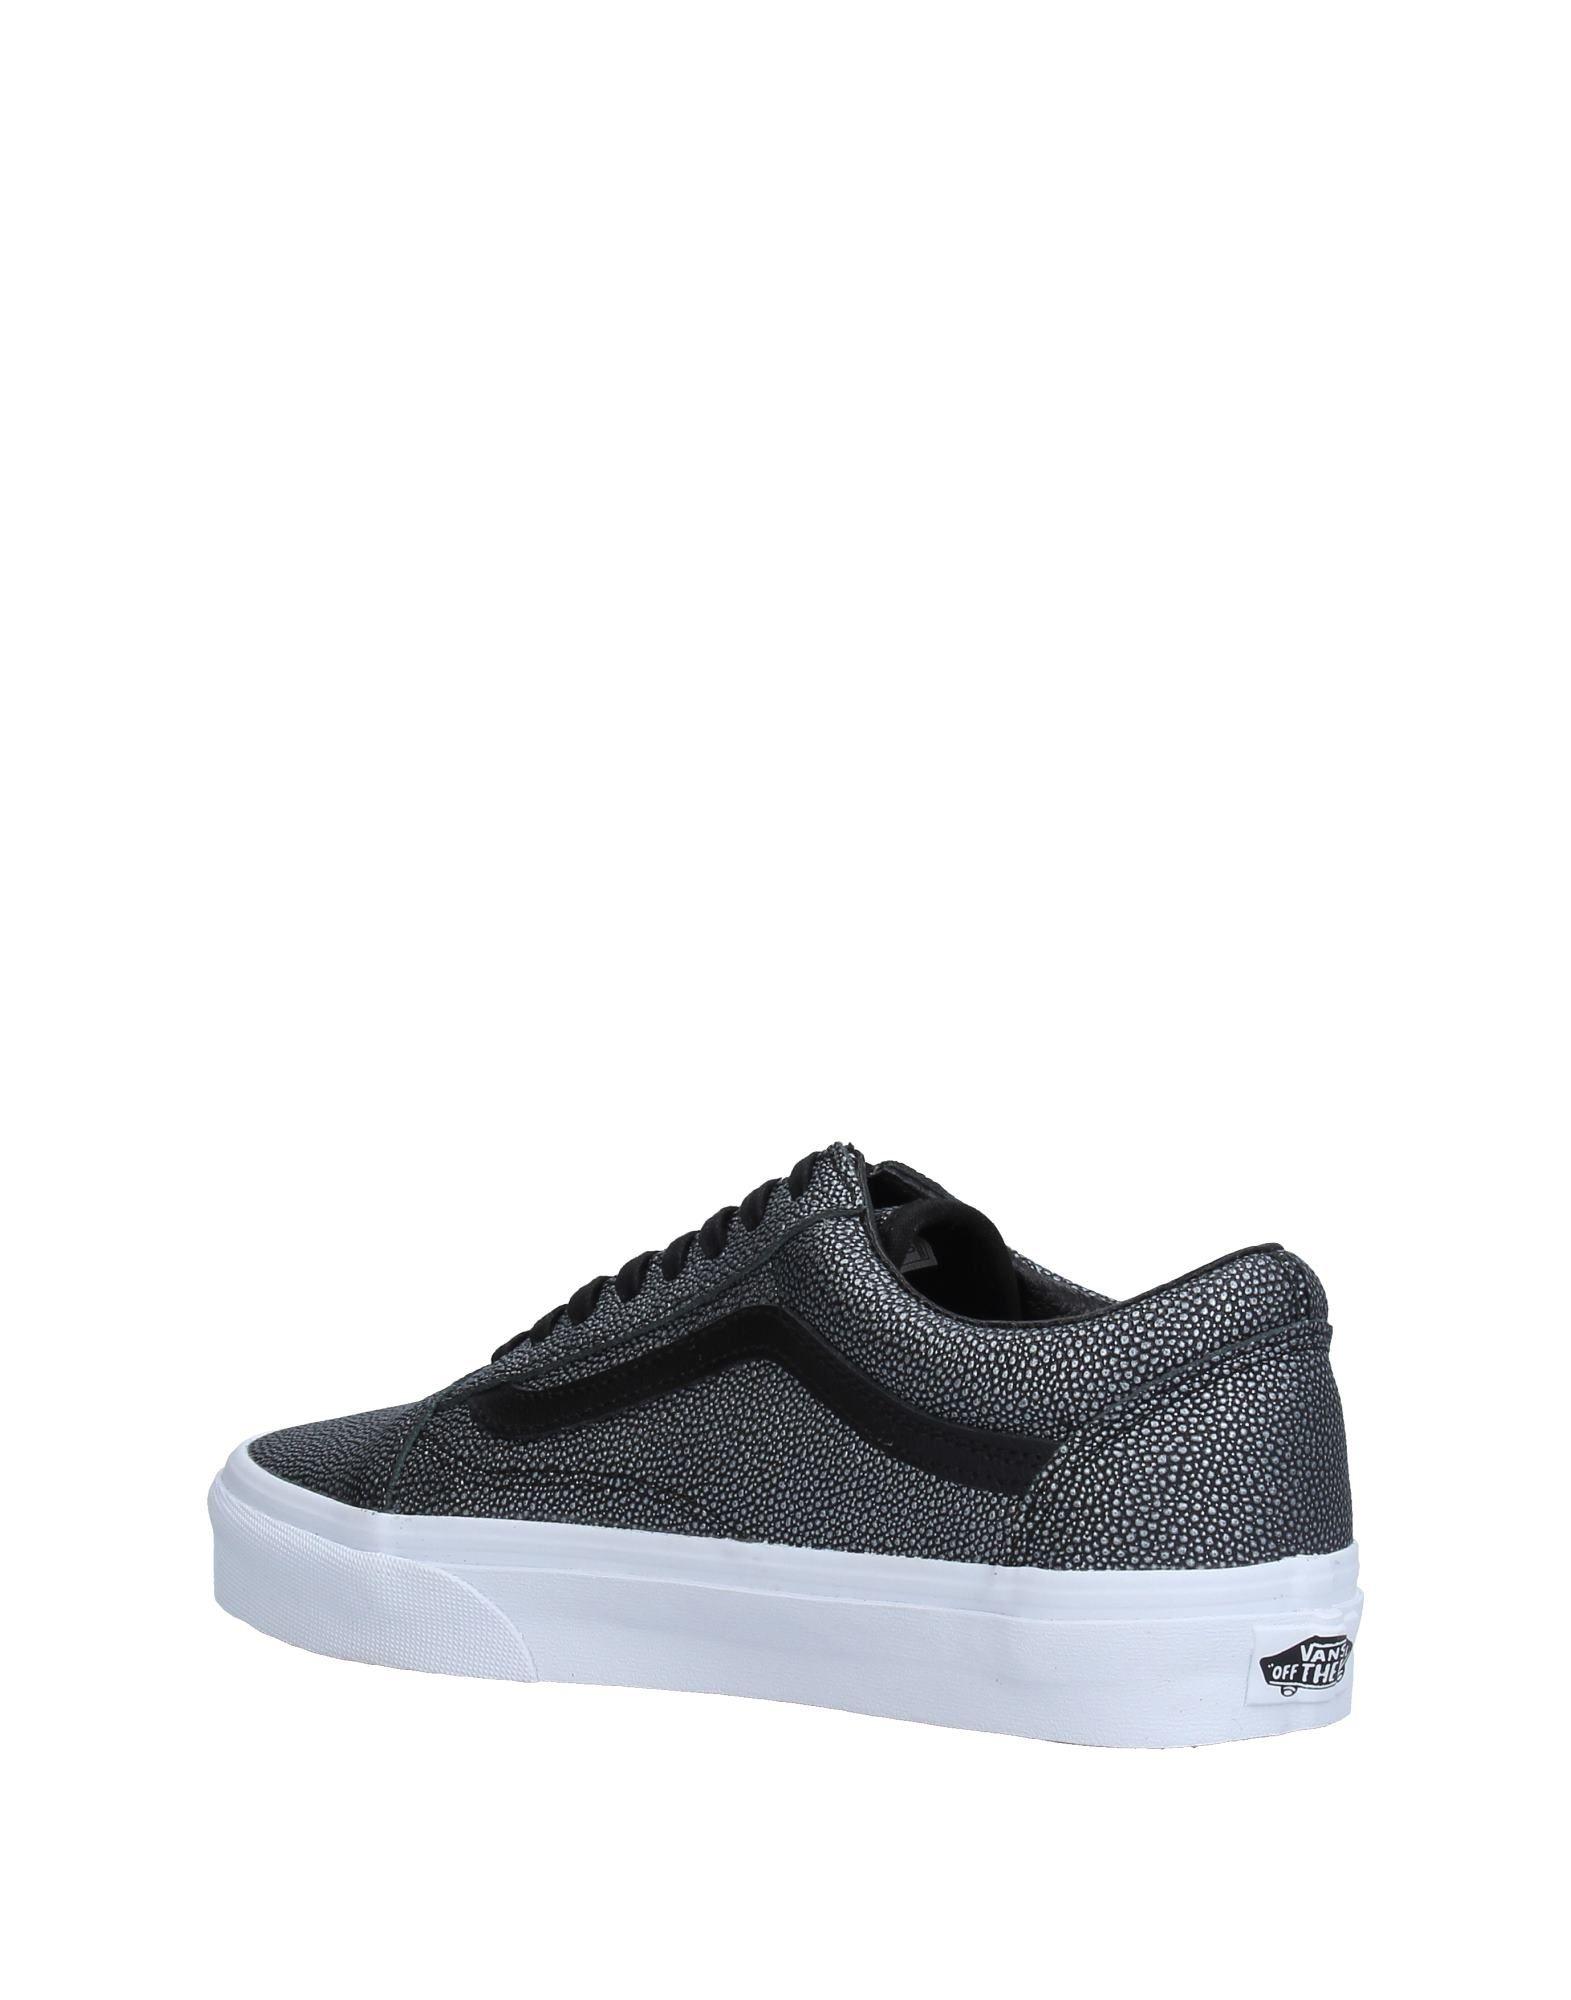 Vans Sneakers Damen  beliebte 11234605RN Gute Qualität beliebte  Schuhe 540a8b